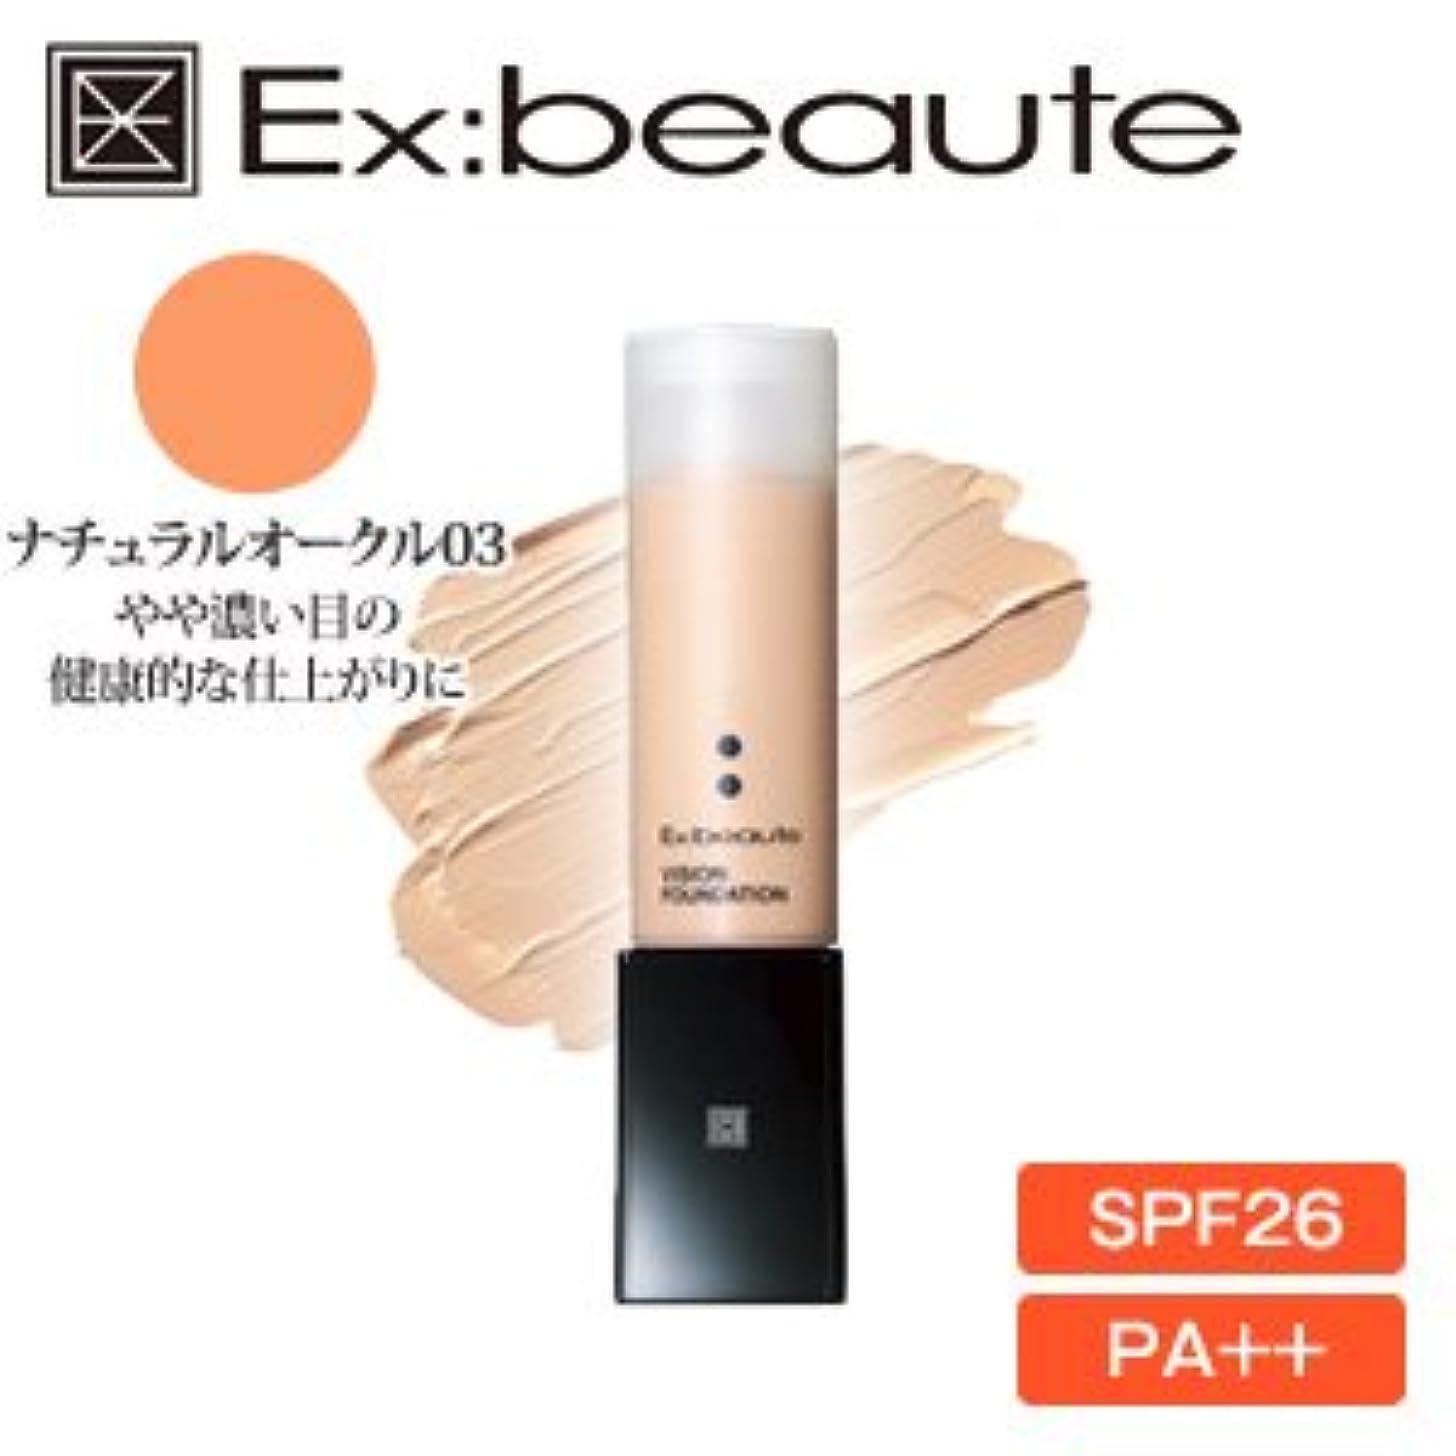 順応性のある艶教えるEx:beaute (エクスボーテ) ビジョンファンデーション リキッドマットタイプ ナチュラルオークル03